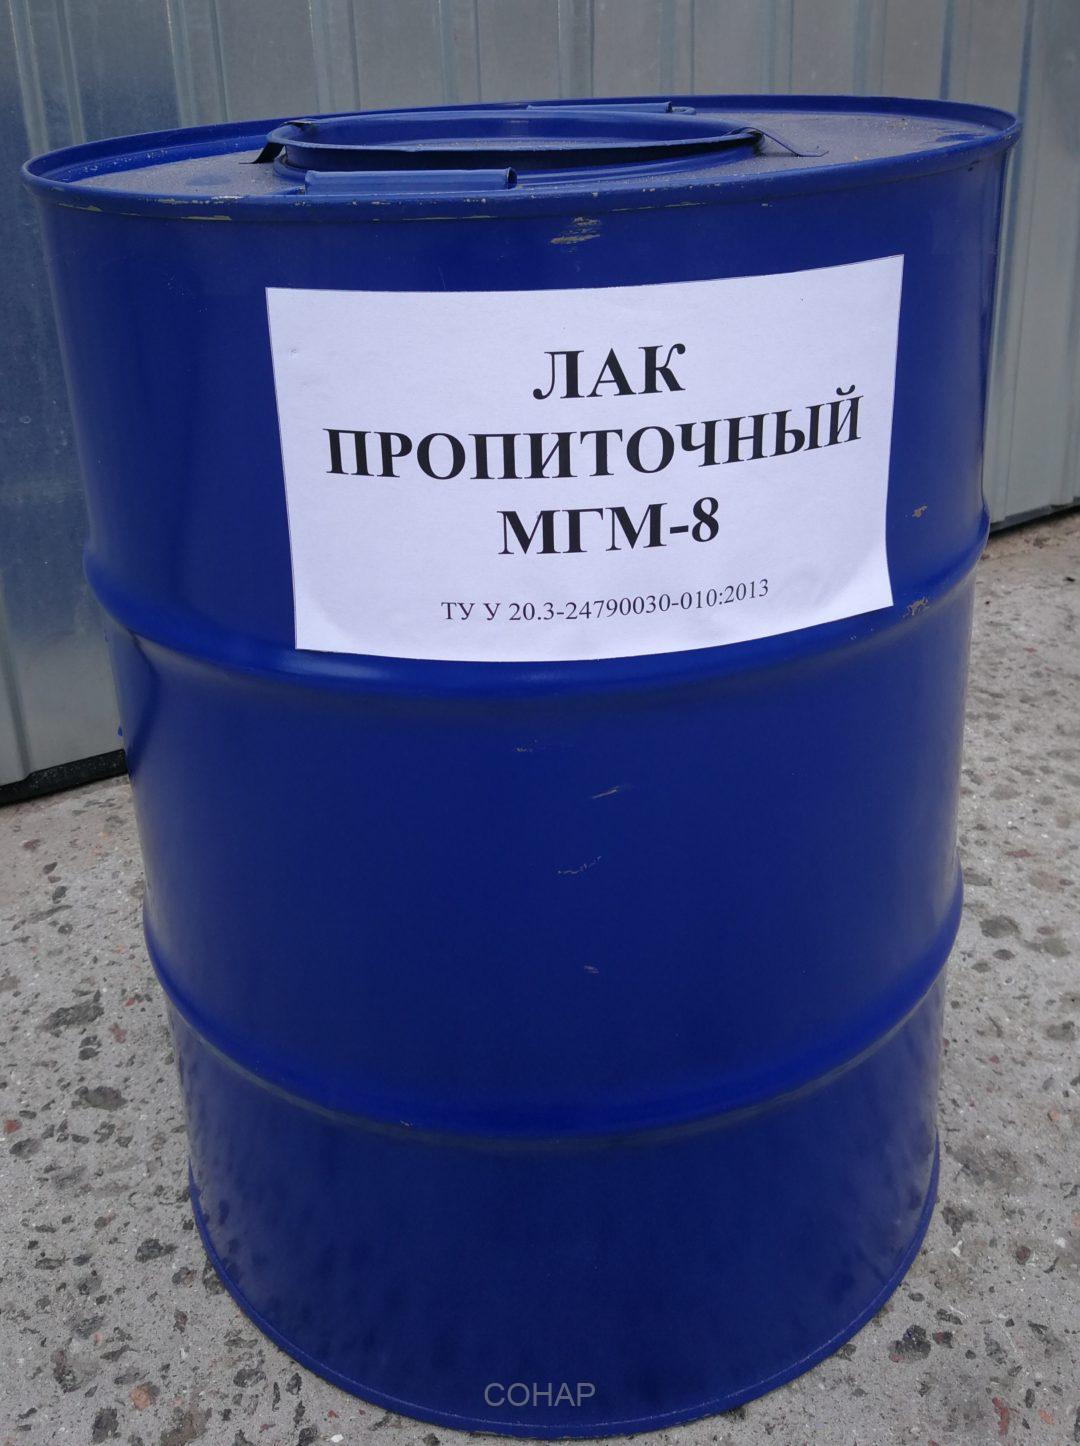 ЛАК ПРОПИТОЧНЫЙ МГМ-8 ТУ У 20.1-24790030-010:2013